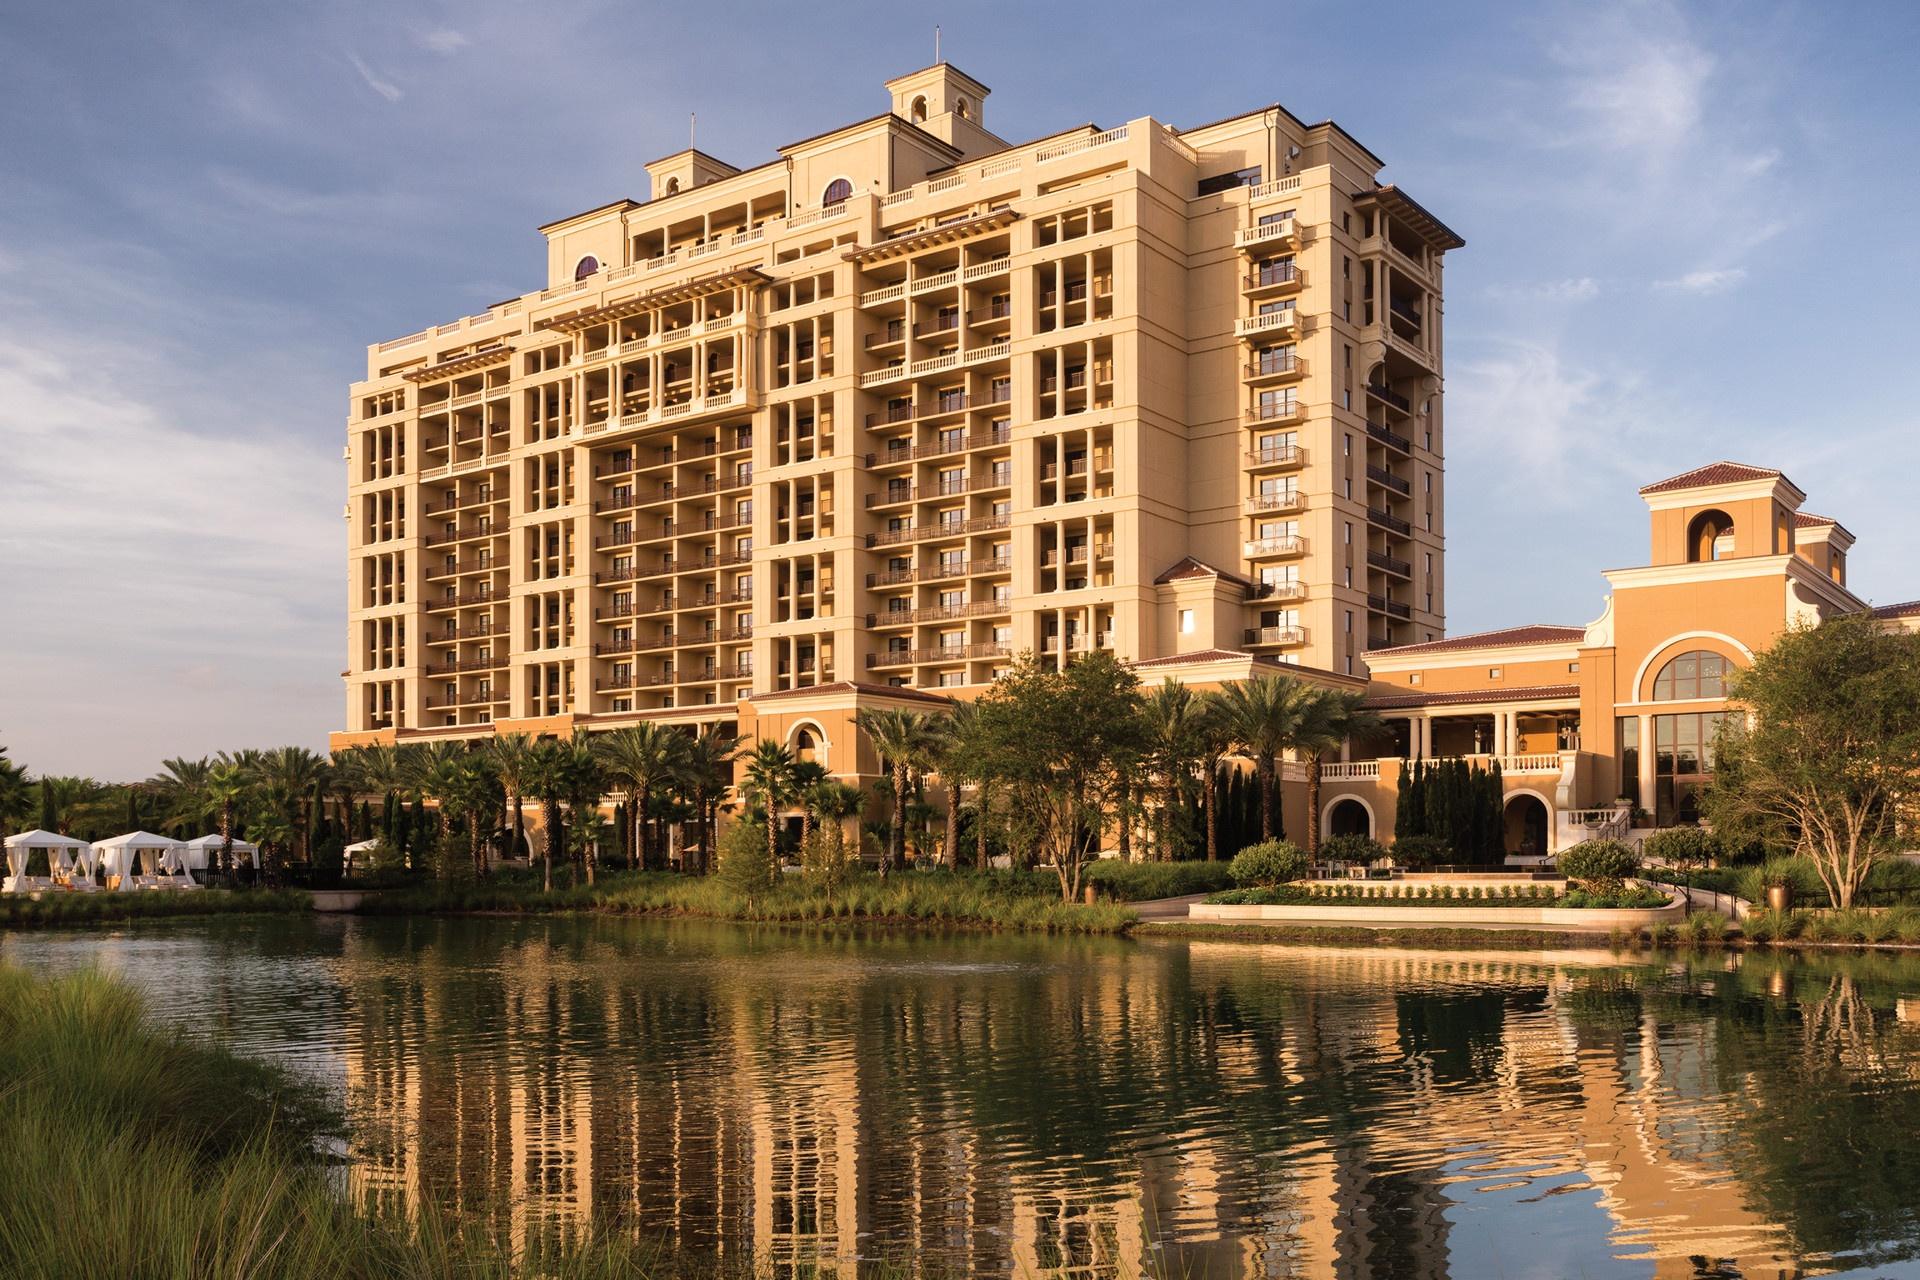 Hotel Exterior 2 - Four Seasons Orlando